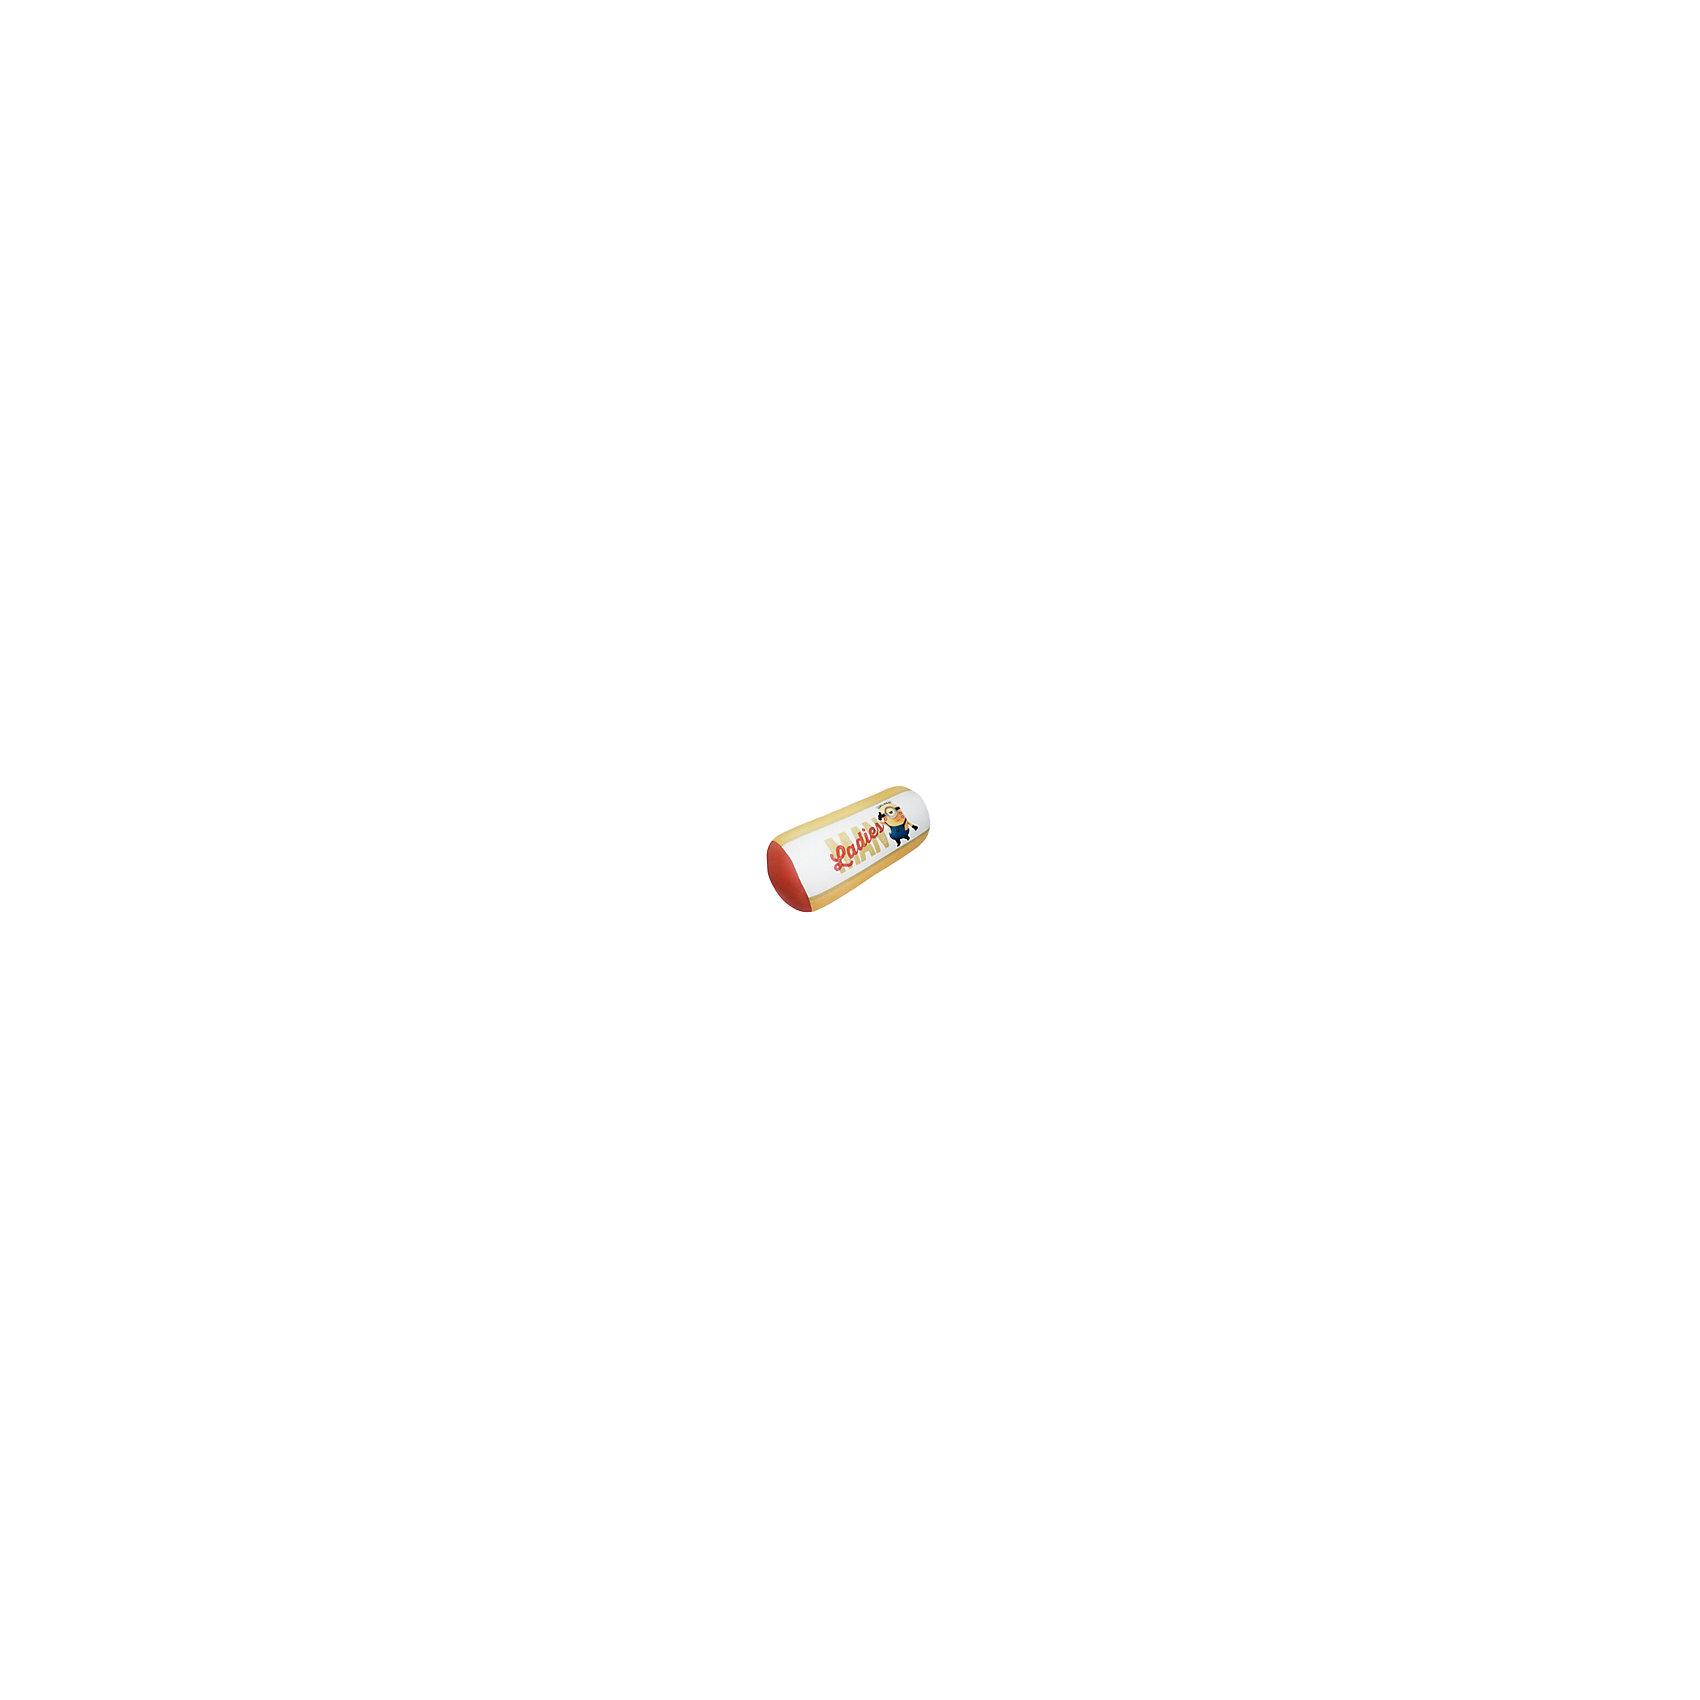 Подушка-антистресс Ladies Man 35 см, МиньоныПодушка-антистресс Кавалер, Миньоны, порадует и поднимет настроение как детям так и взрослым. Яркая подушка в форме валика украшена изображением забавного существа миньона из популярного мультфильма Гадкий Я (Despicable Me). Основное достоинство подушки - это осязательный массаж с эффектом релаксации. Гладкая поверхность подушки выполнена из эластичного прочного трикотажа, а внутри находятся мельчайшие гранулы полистирола, благодаря которым она всегда будет легкой, упругой и приятной на ощупь. Подушку можно мять и<br>сжимать, но она неизменно возвращает себе первоначальную форму. Можно стирать в стиральной машинке в специальном мешке для одежды.  <br><br><br>Дополнительная информация:<br><br>- Материал: внешний материал - трикотаж, наполнитель - полистирол.<br>- Длина: 35 см.<br>- Размер упаковки: высота 35 см, диаметр 18 см.<br>- Вес: 0,3 кг.<br> <br><br>Подушку-антистресс Кавалер, Миньоны, СмолТойс, можно купить в нашем интернет-магазине.<br><br>Ширина мм: 350<br>Глубина мм: 180<br>Высота мм: 180<br>Вес г: 300<br>Возраст от месяцев: 36<br>Возраст до месяцев: 2147483647<br>Пол: Унисекс<br>Возраст: Детский<br>SKU: 4148689